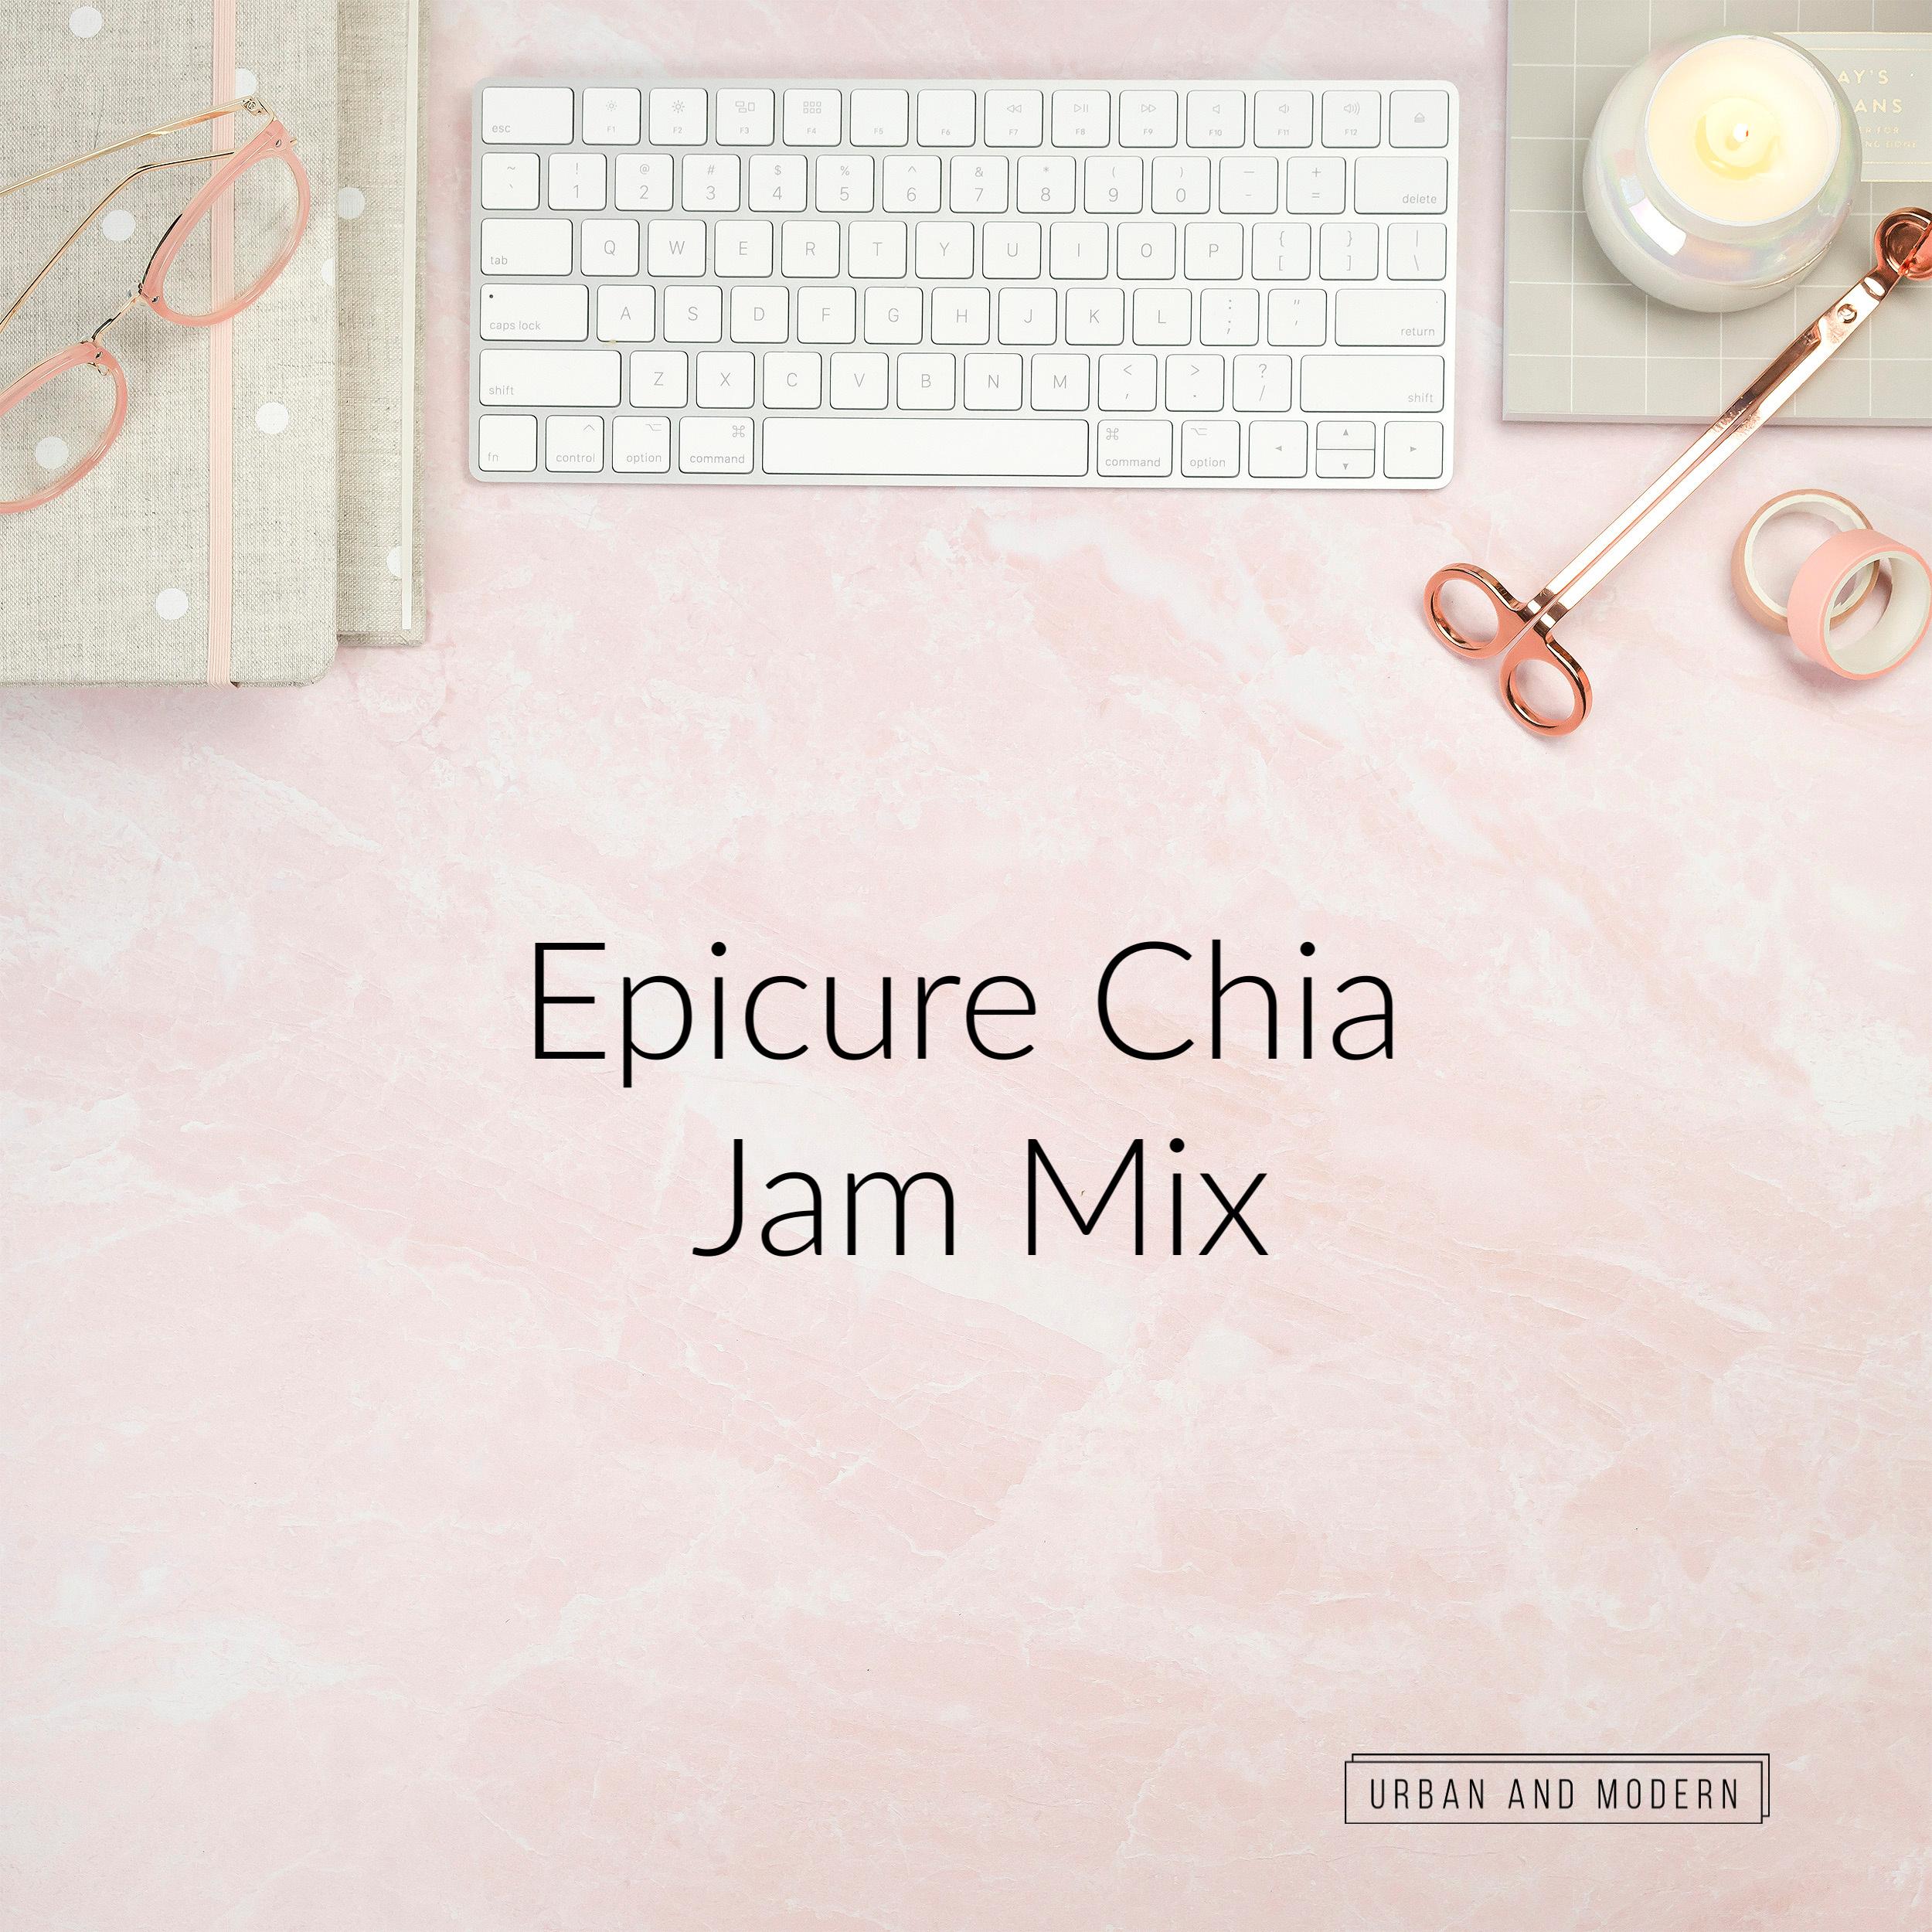 Epicure Chia Jam Mix